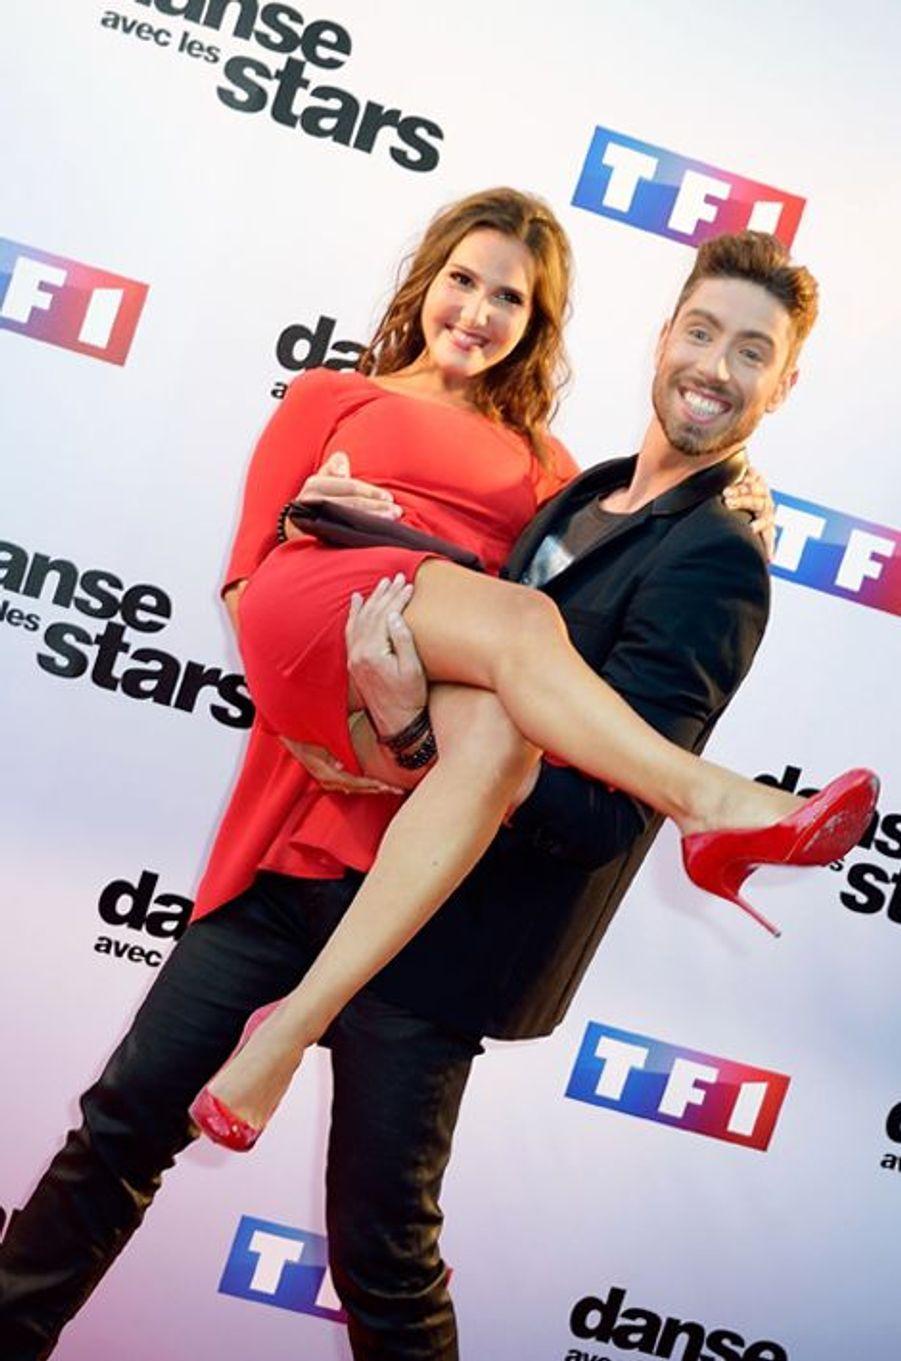 Danse avec les stars 5 : la chanteuse Joyce Jonathan et le danseur Julien Brugel